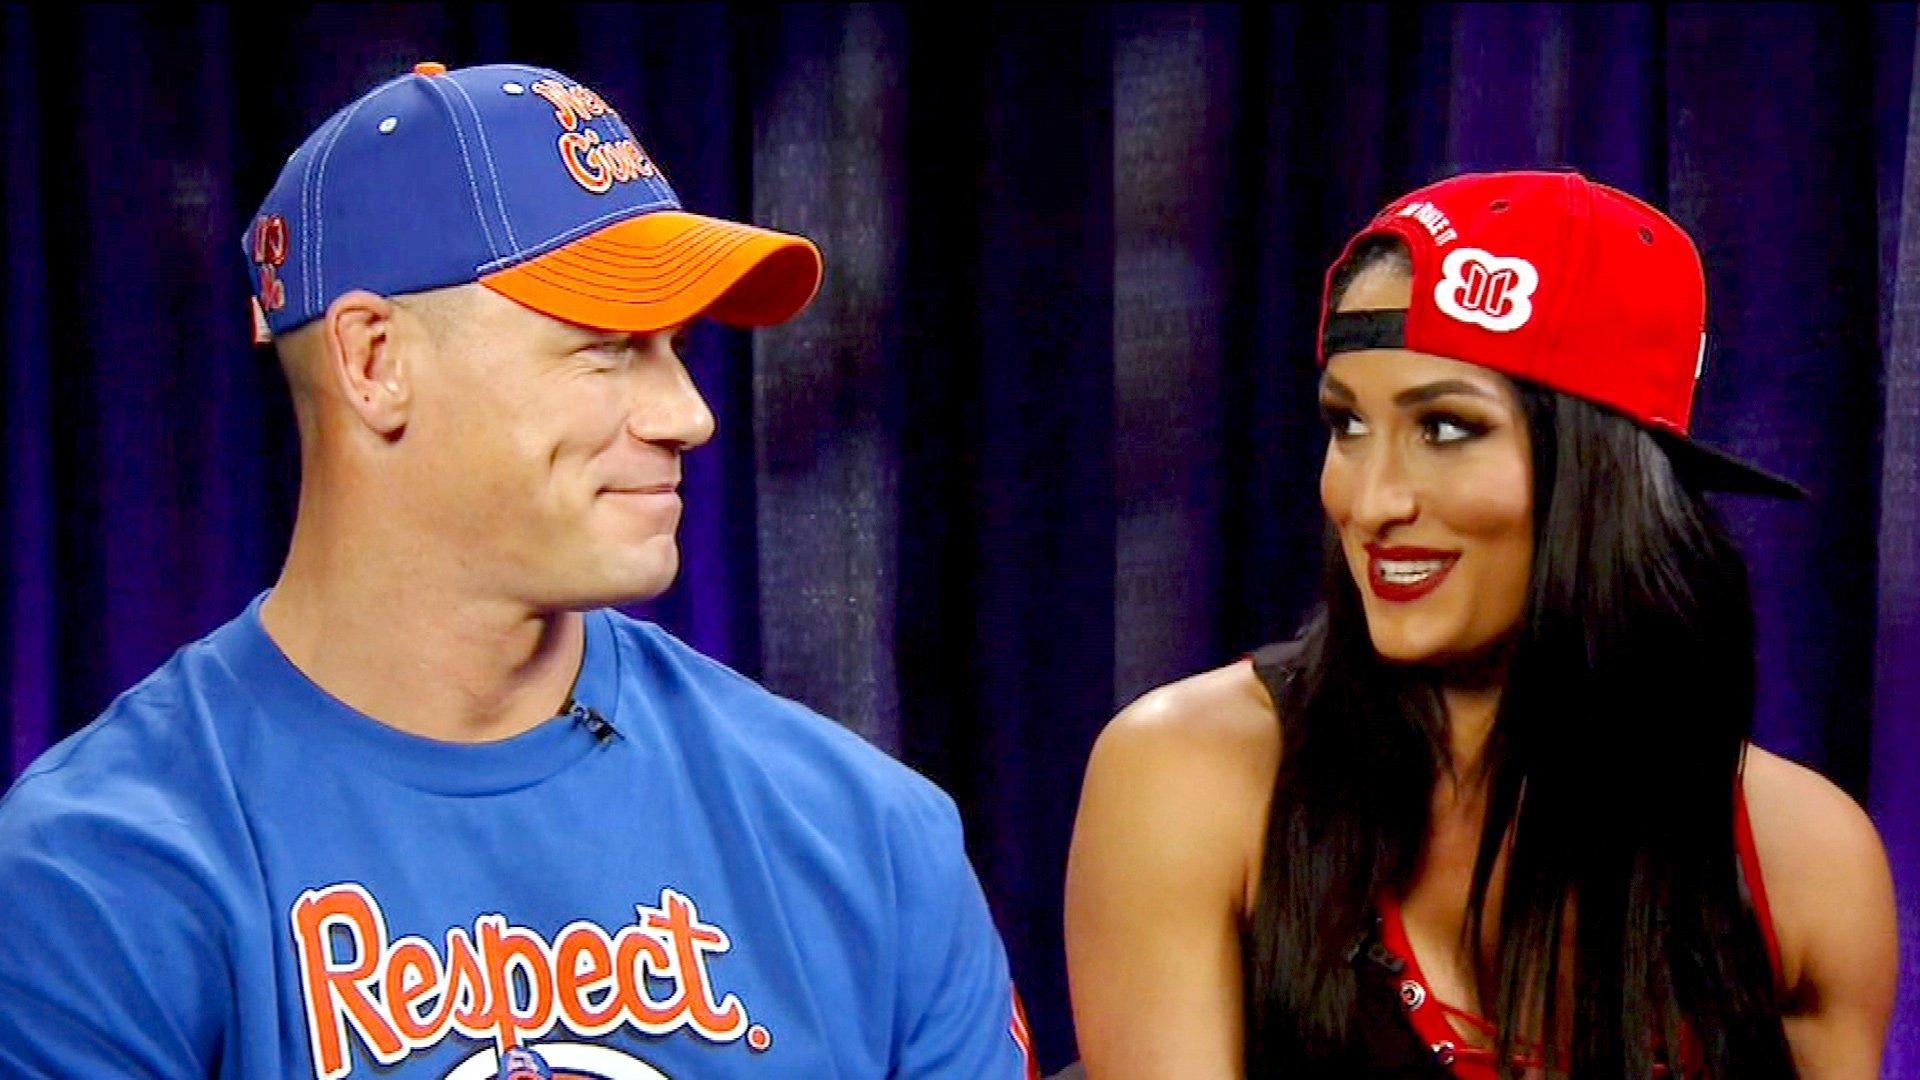 John Cena and Nikki Bella talk WrestleMania on ESPN\'s \